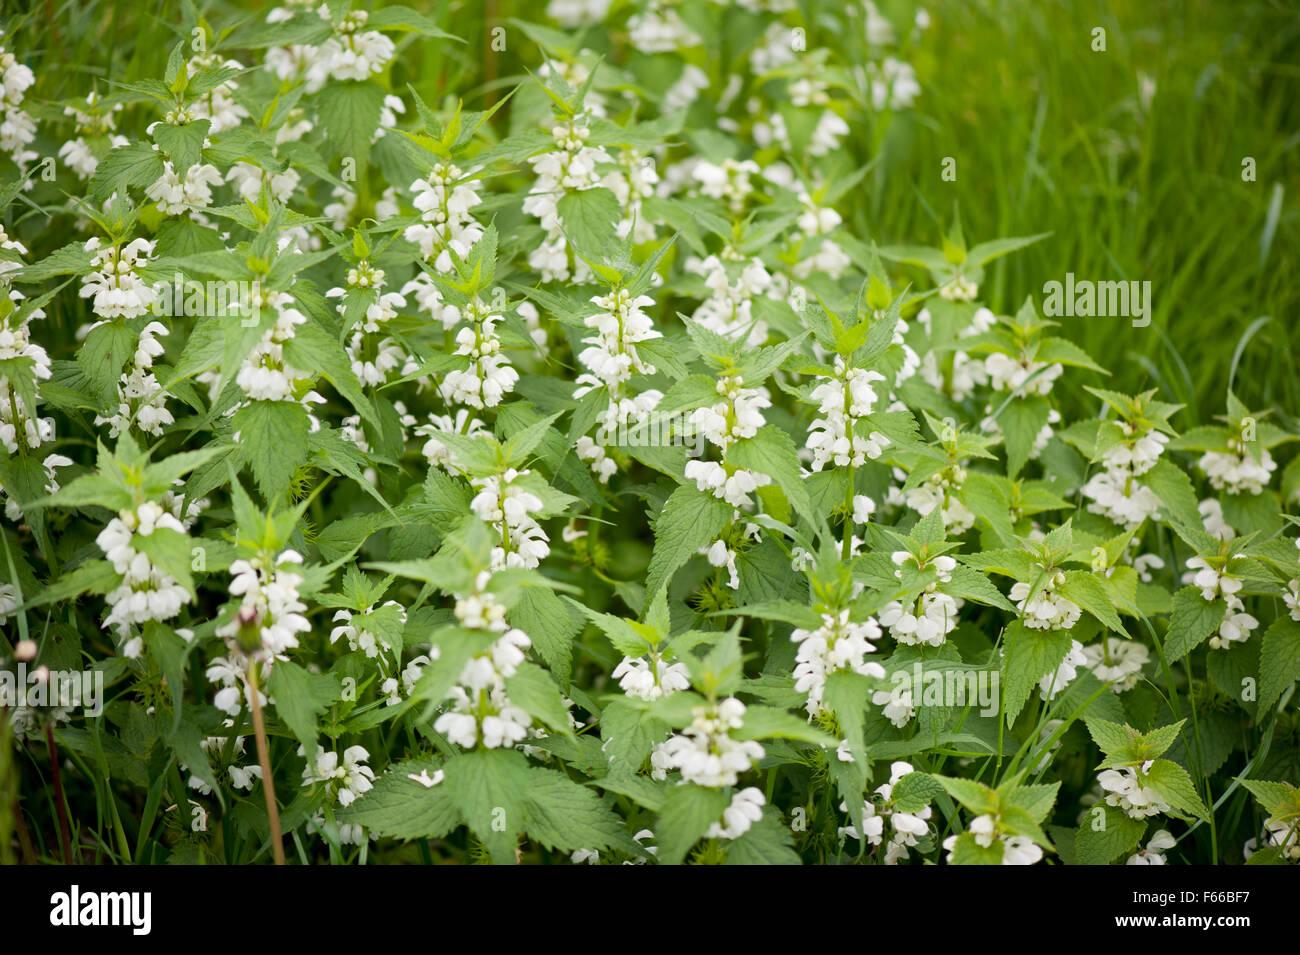 lamium album floraison blanc phytoth rapie plante vivace dans la famille lamiaceae appel ortie. Black Bedroom Furniture Sets. Home Design Ideas